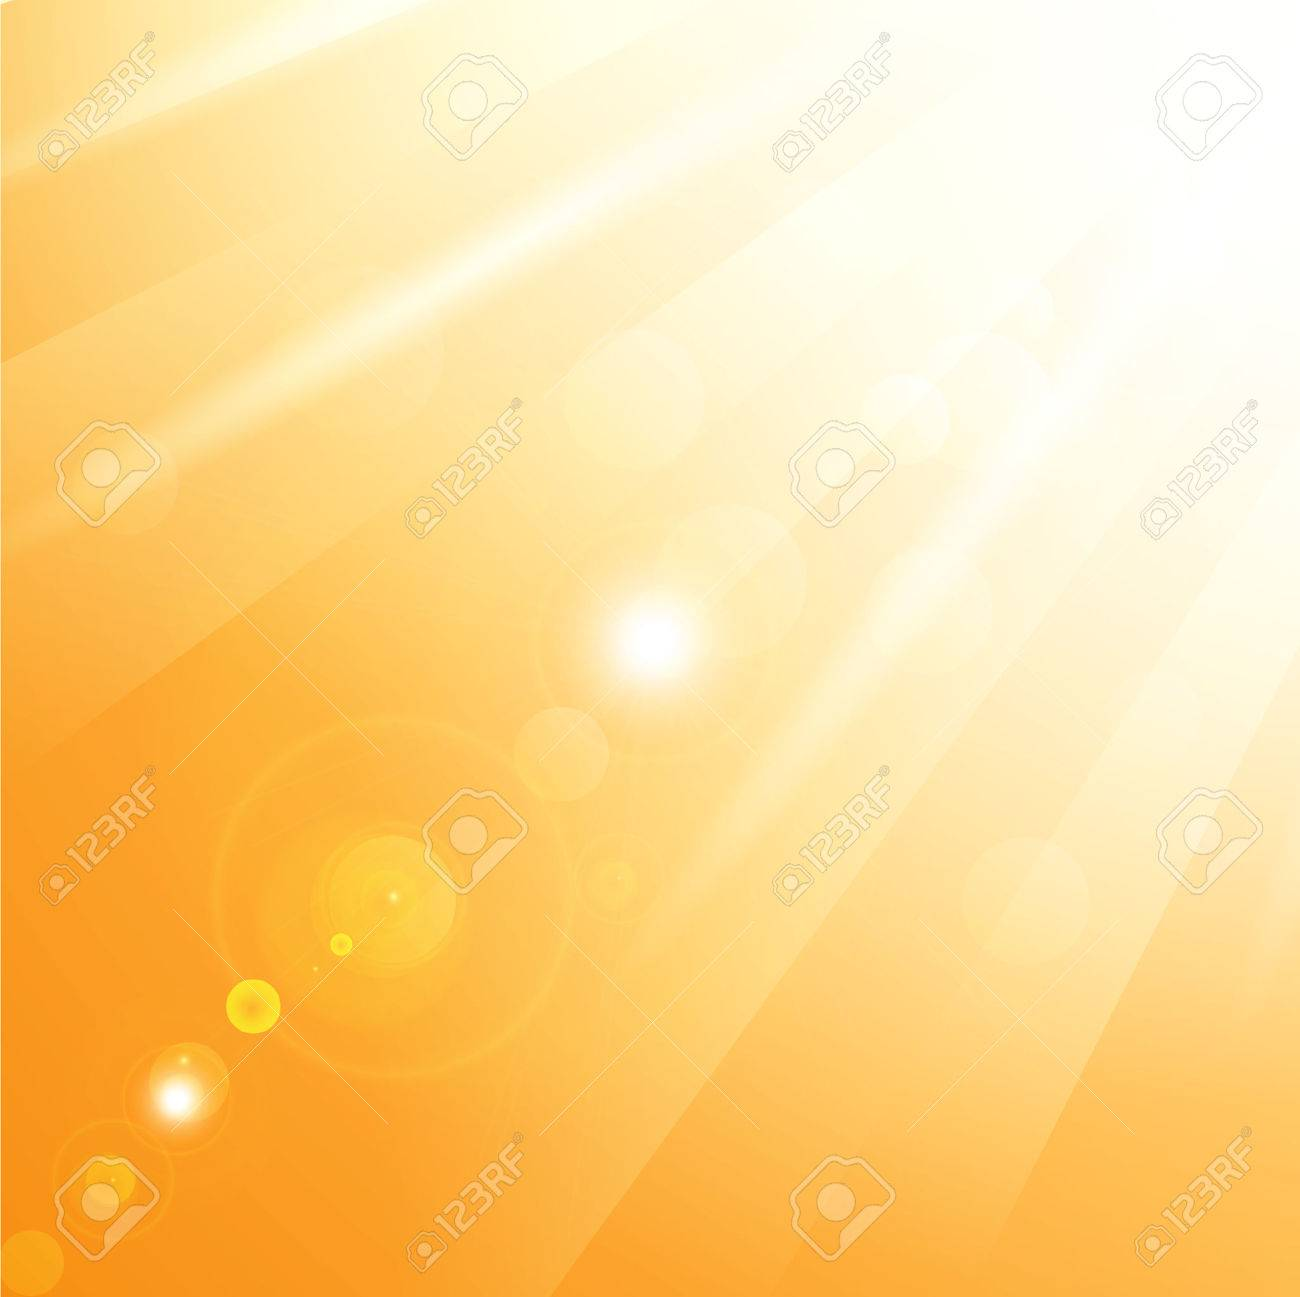 illustration of warm sun rays - 8928600